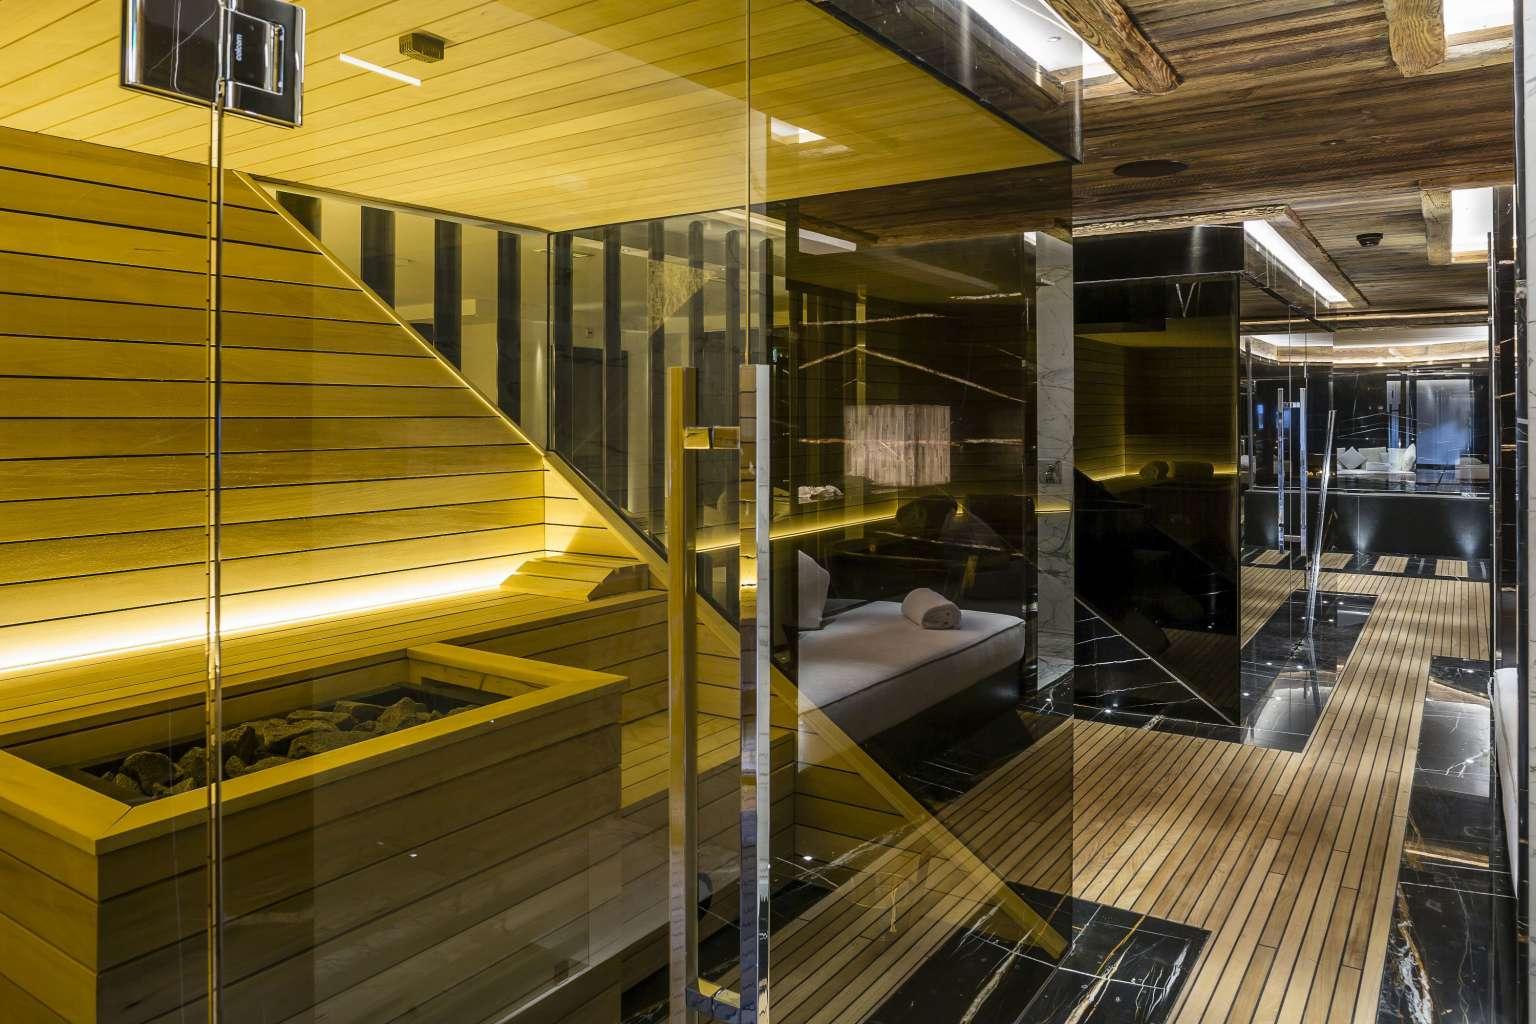 Ultima-Gstaad-Spa-La-Prairie-Sauna-01